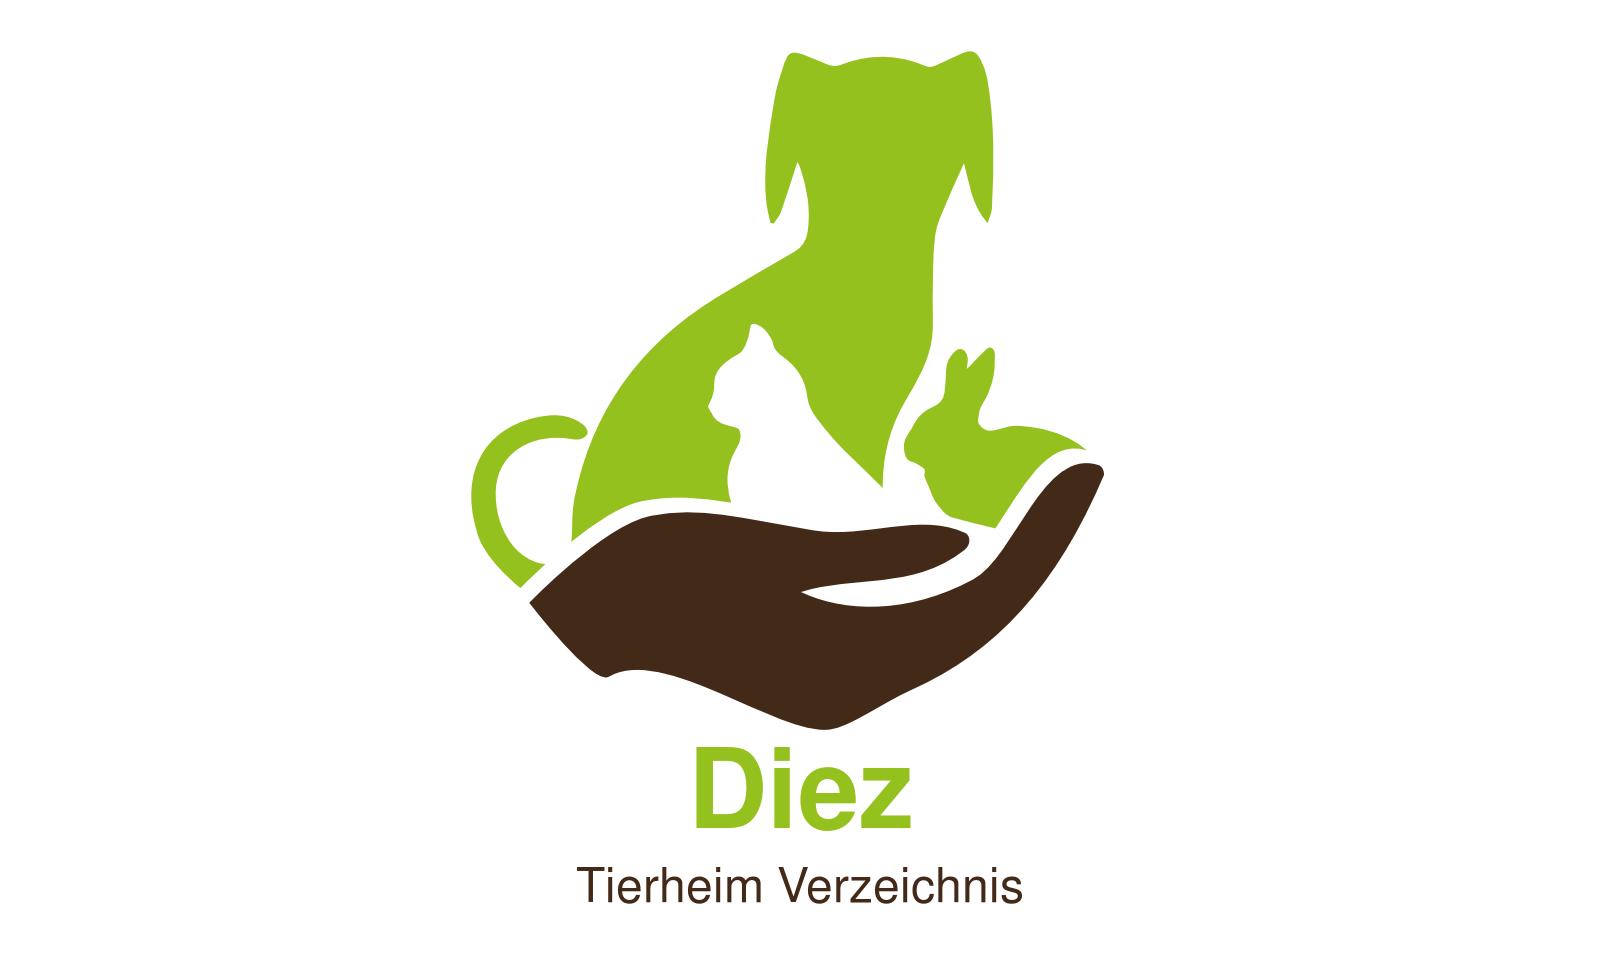 Tierheim Diez